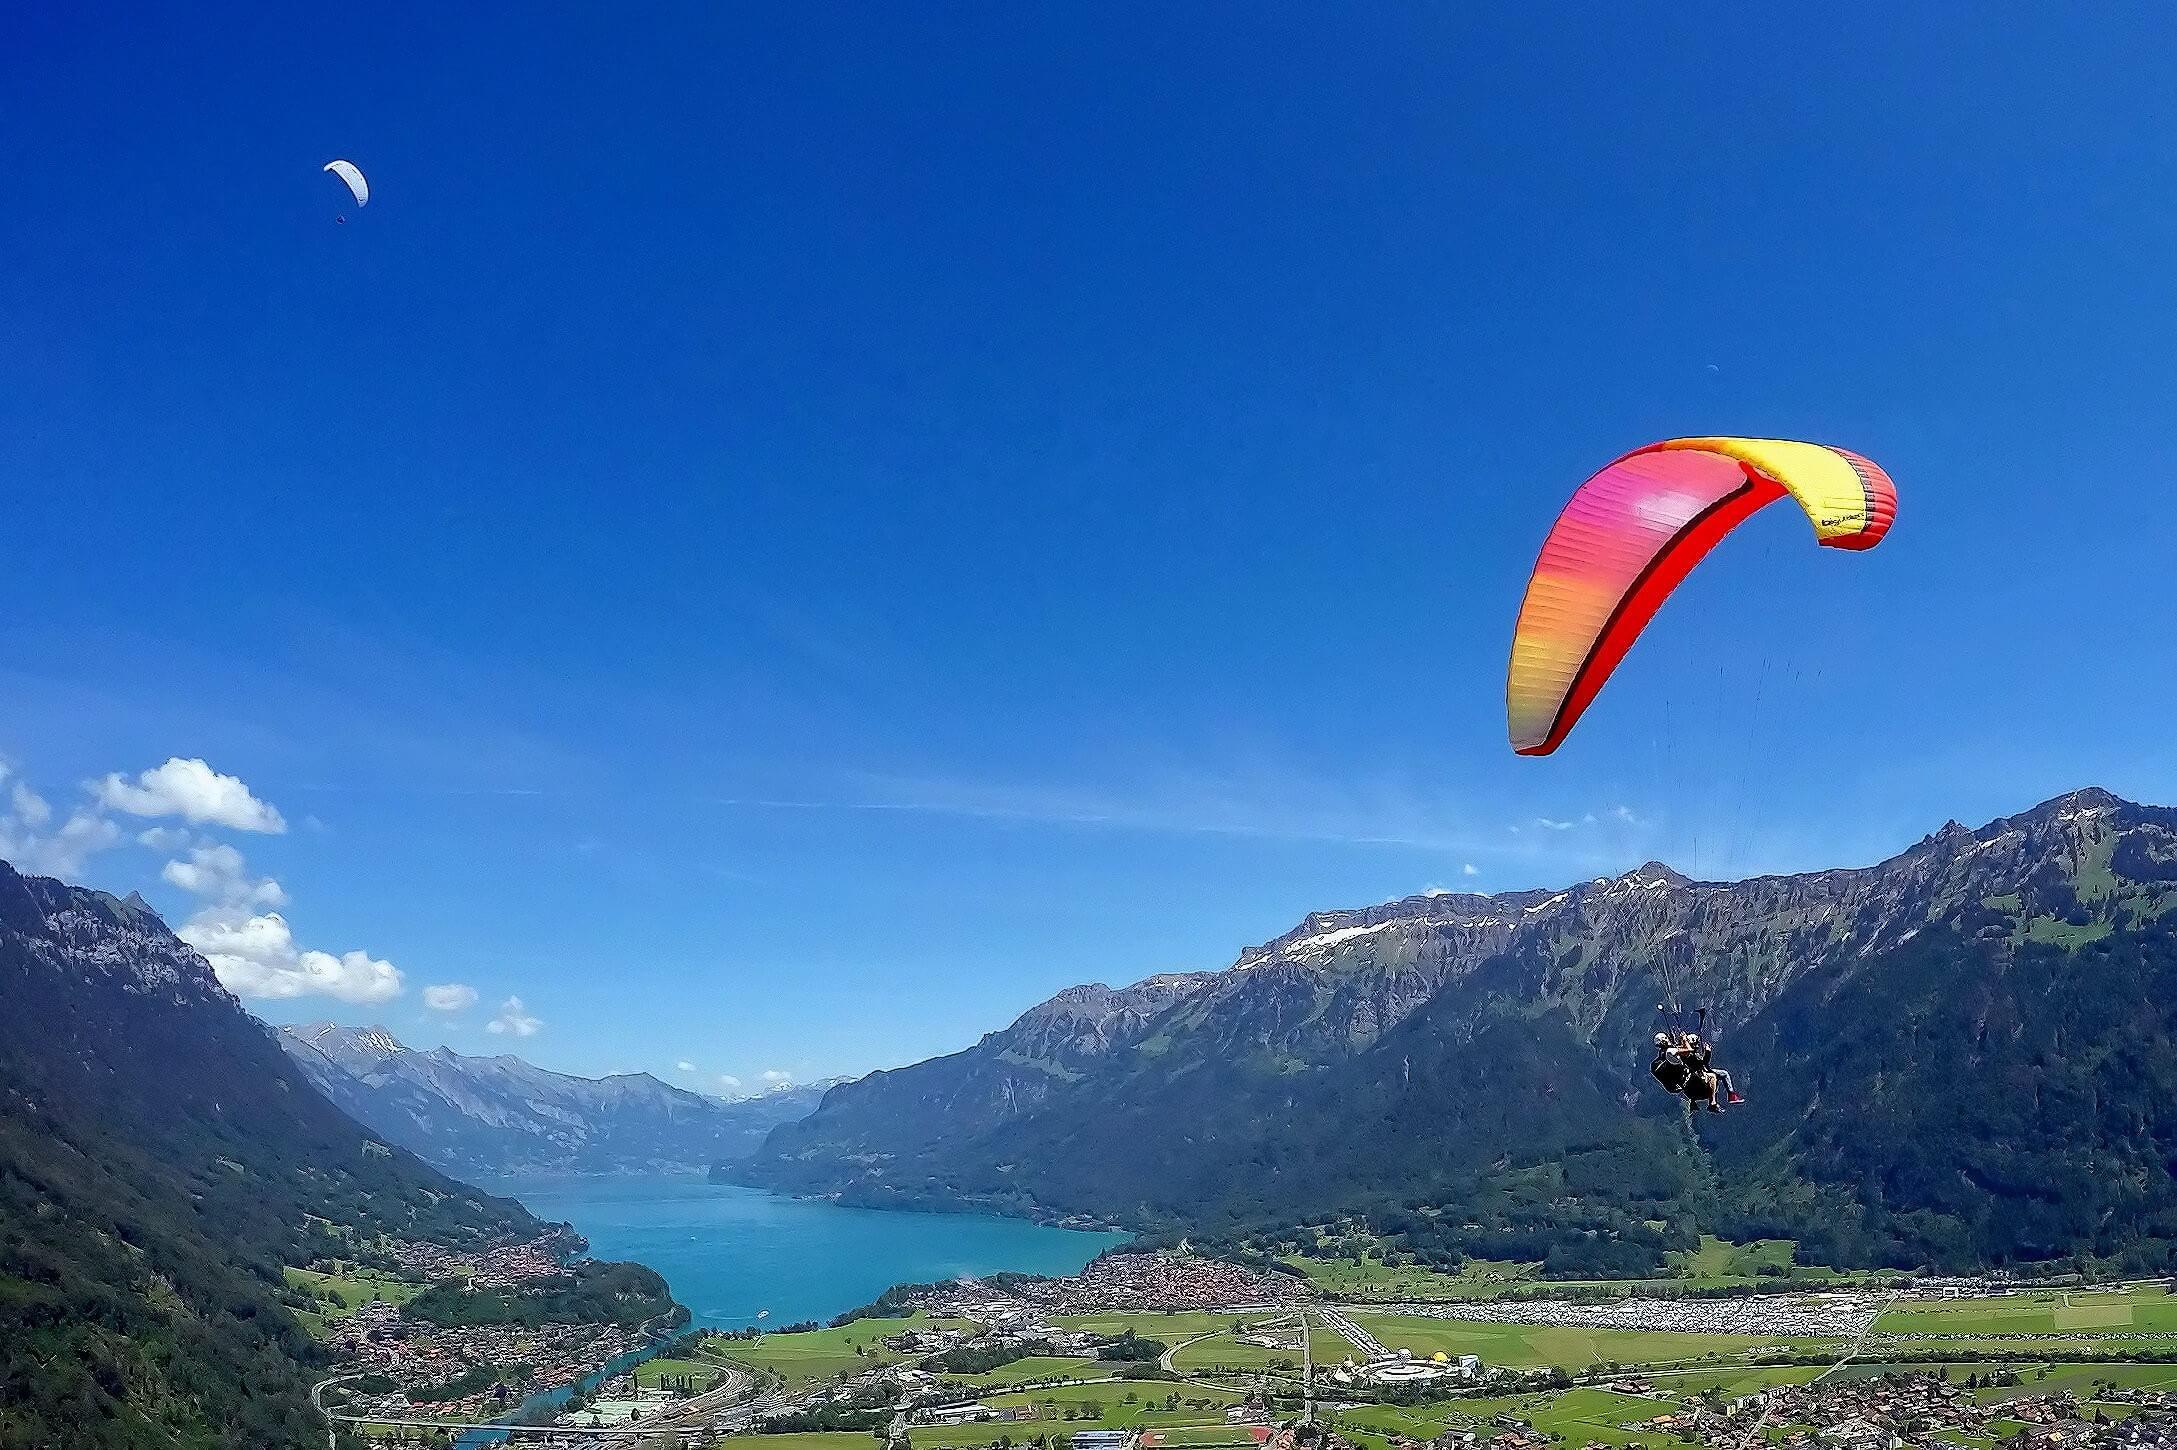 interlaken-paragliding-alpinair-sommer-interlaken-brienzersee